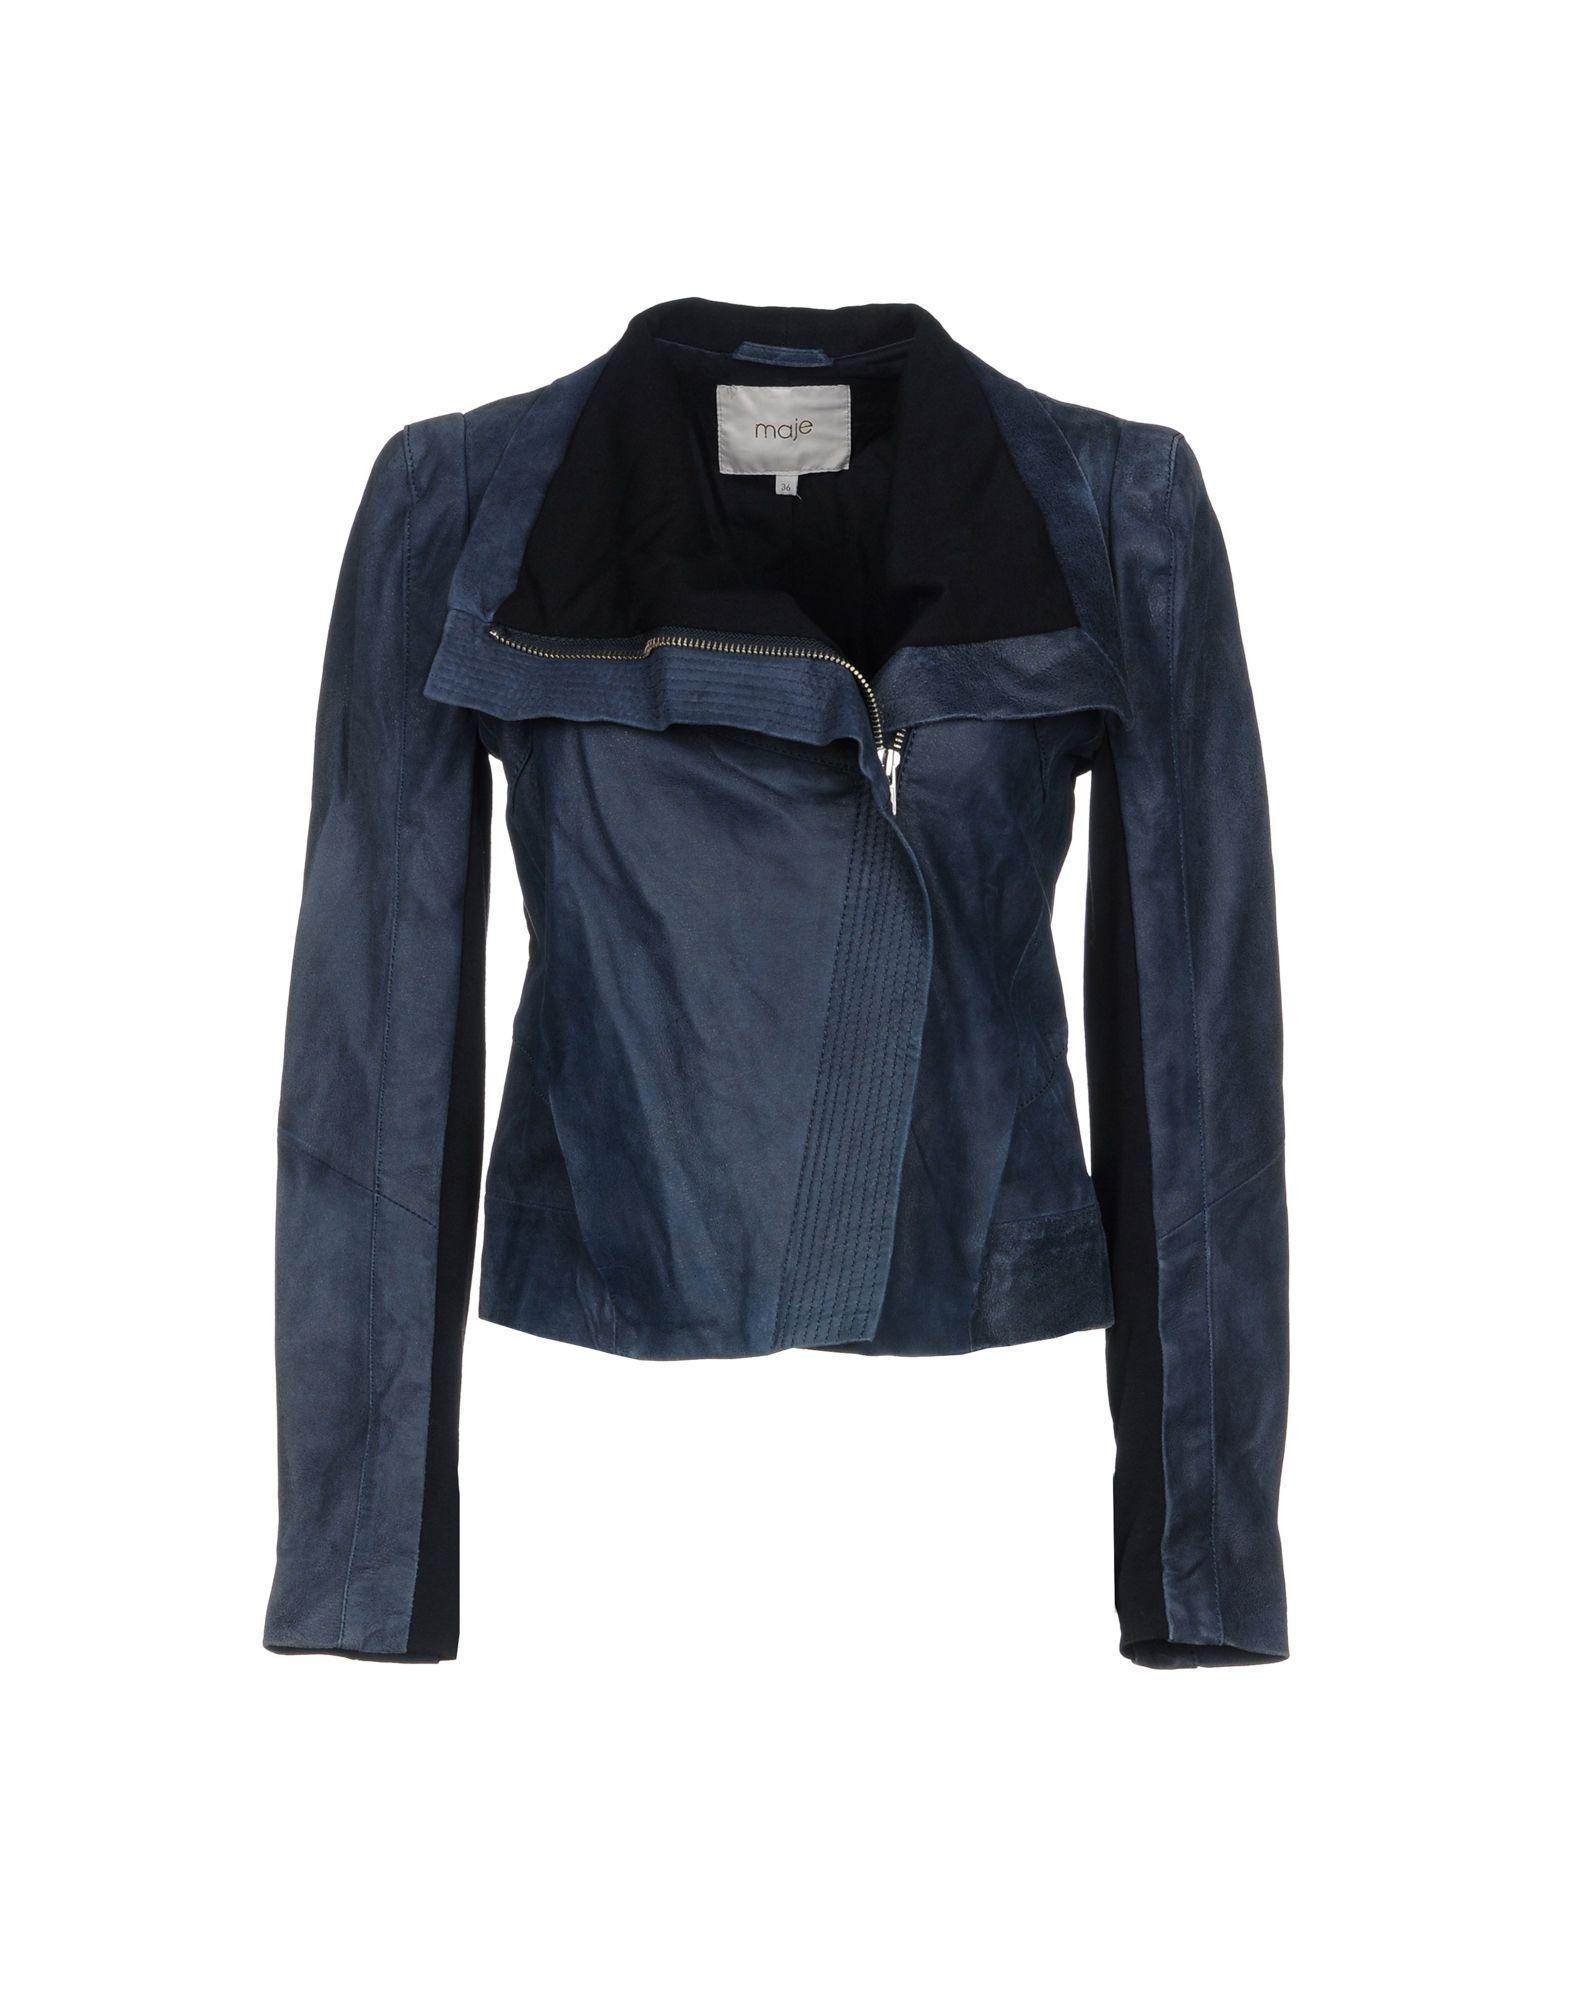 Maje Biker Jacket In Slate Blue